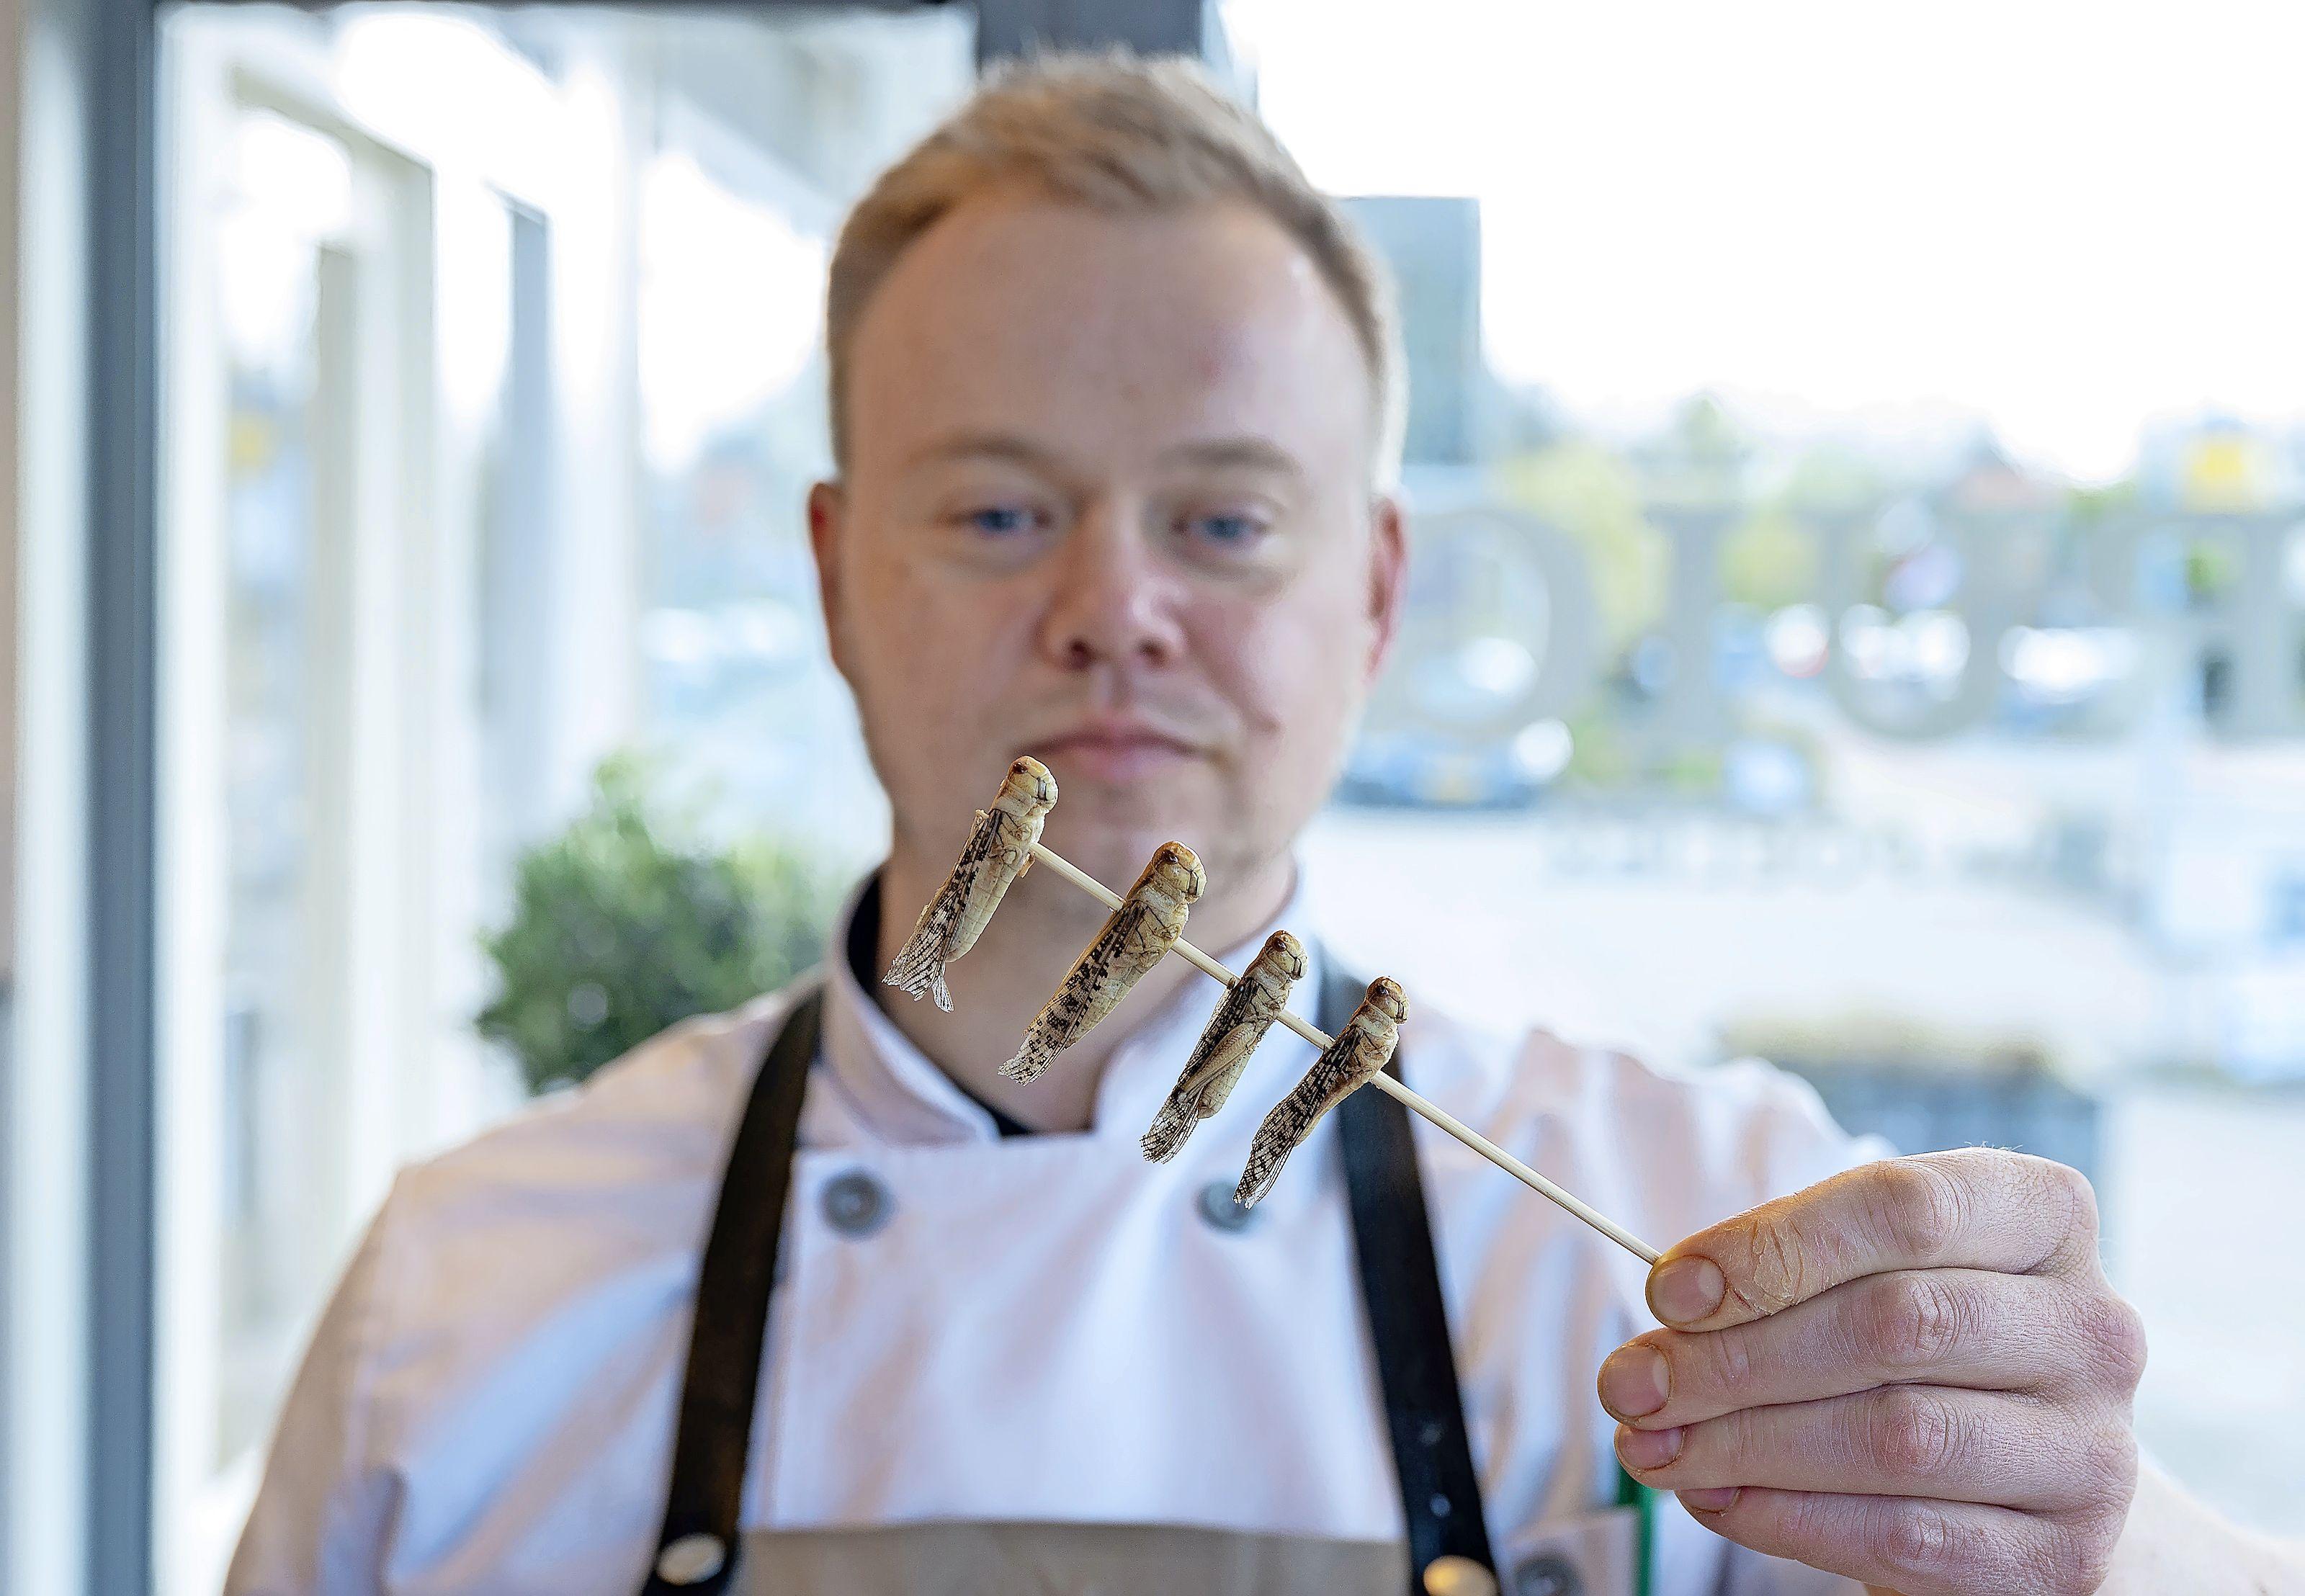 Eetbare meelwormen nu ook goedgekeurd voor mensen, poelier Ruig in Oostzaan verkoopt ze al jaren: 'Lekker in de salade'